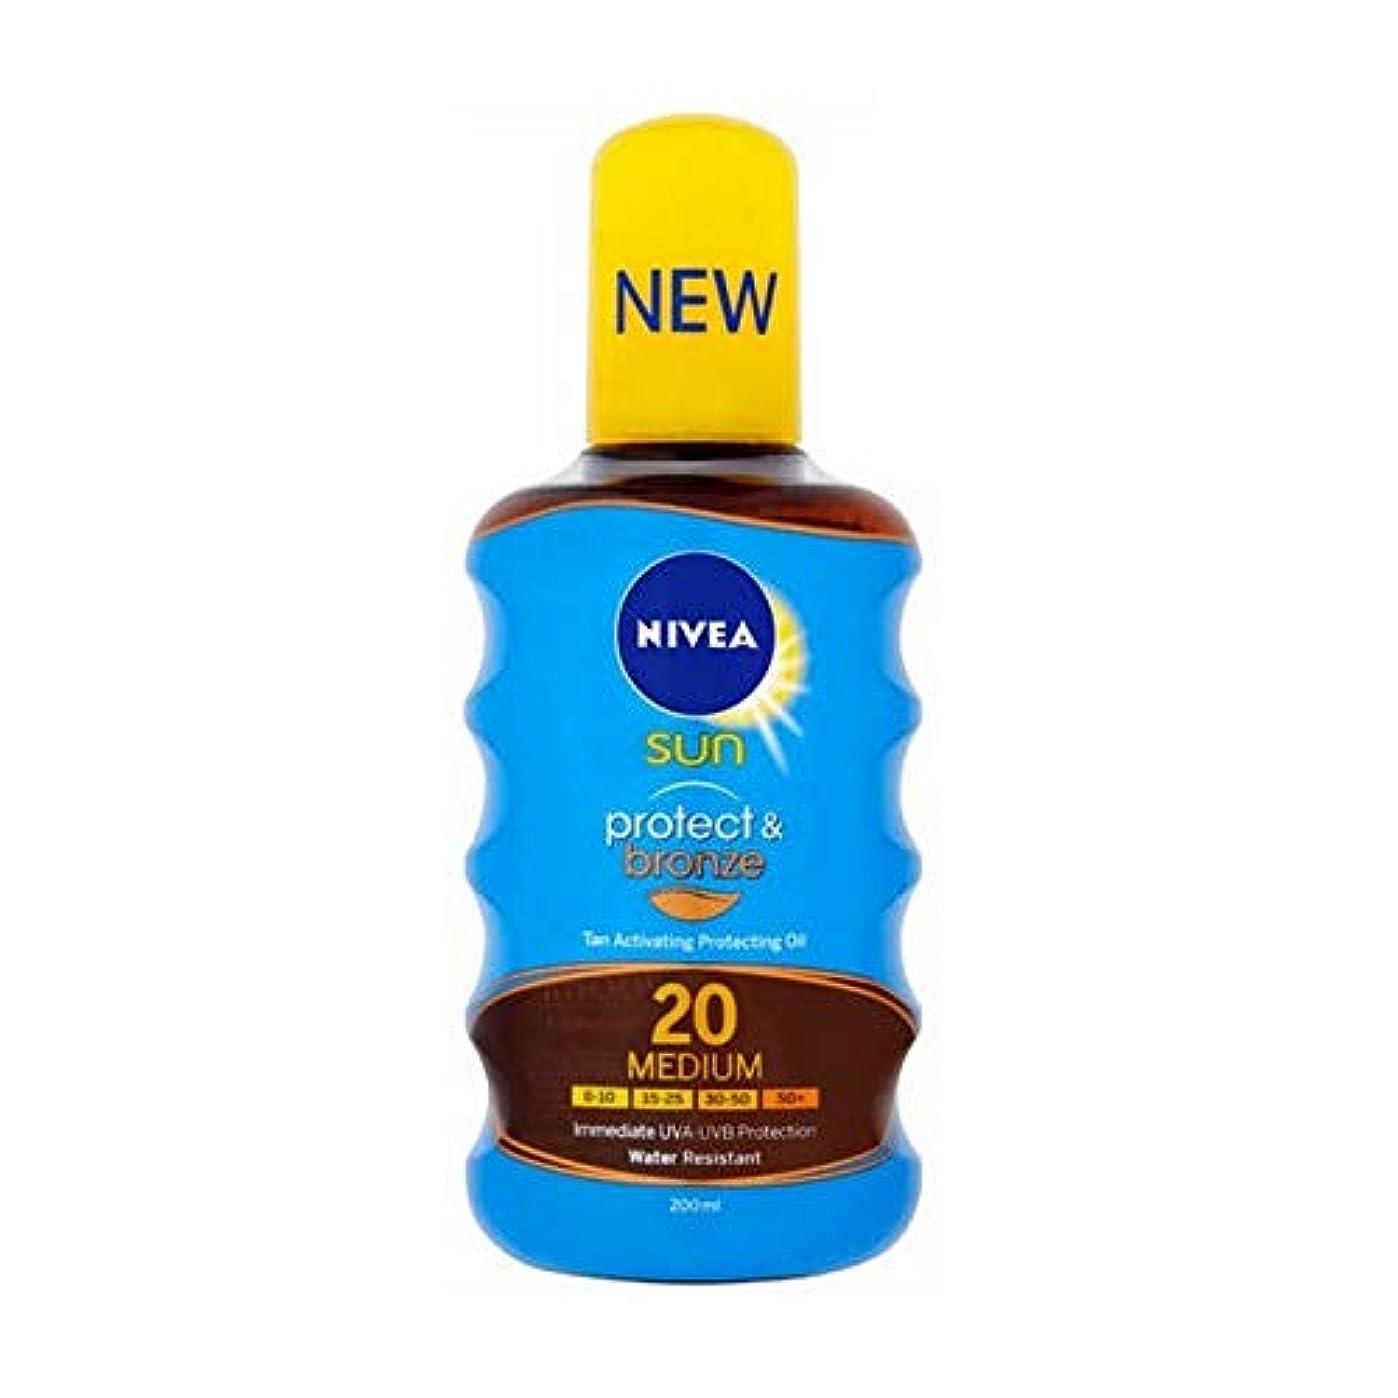 シプリー痛み怠惰[Nivea ] ニベア日焼けオイルSpf20プロテクト&ブロンズ200ミリリットル活性化 - NIVEA SUN Tan Activating Oil SPF20 Protect&Bronze 200ml [並行輸入品]